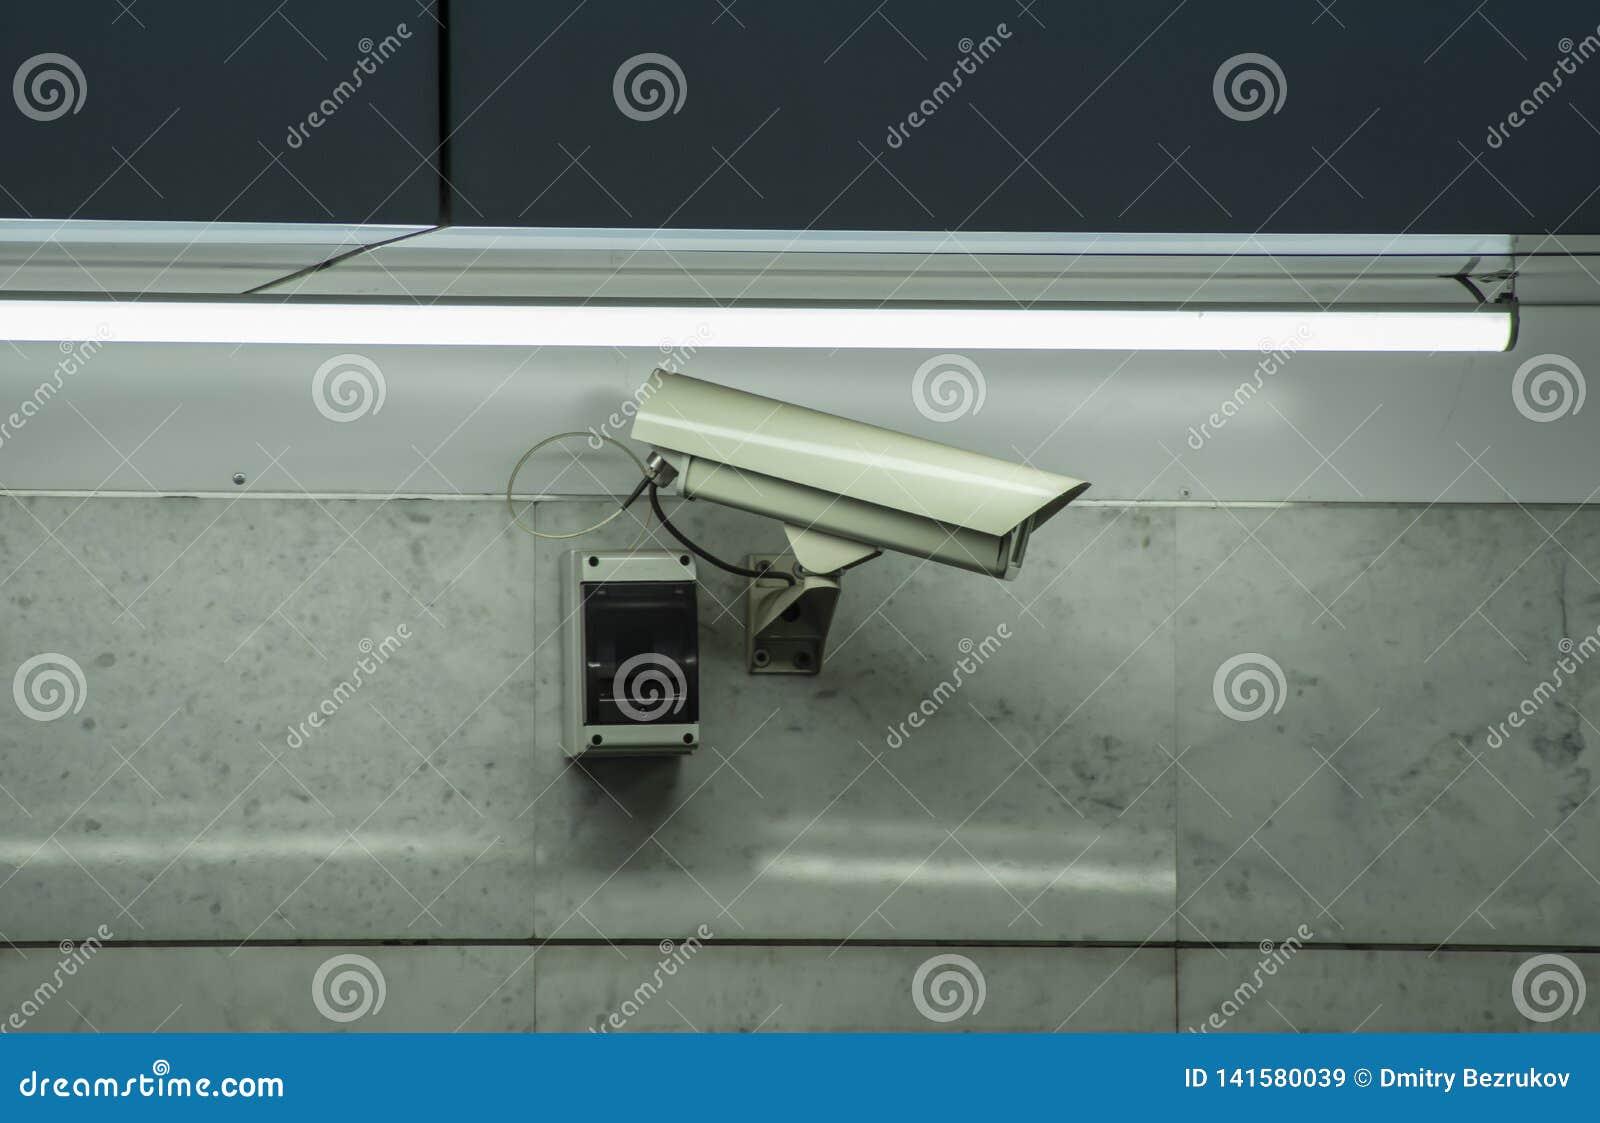 Videocamera di sicurezza del CCTV installata in aeroporto e sottopassaggio